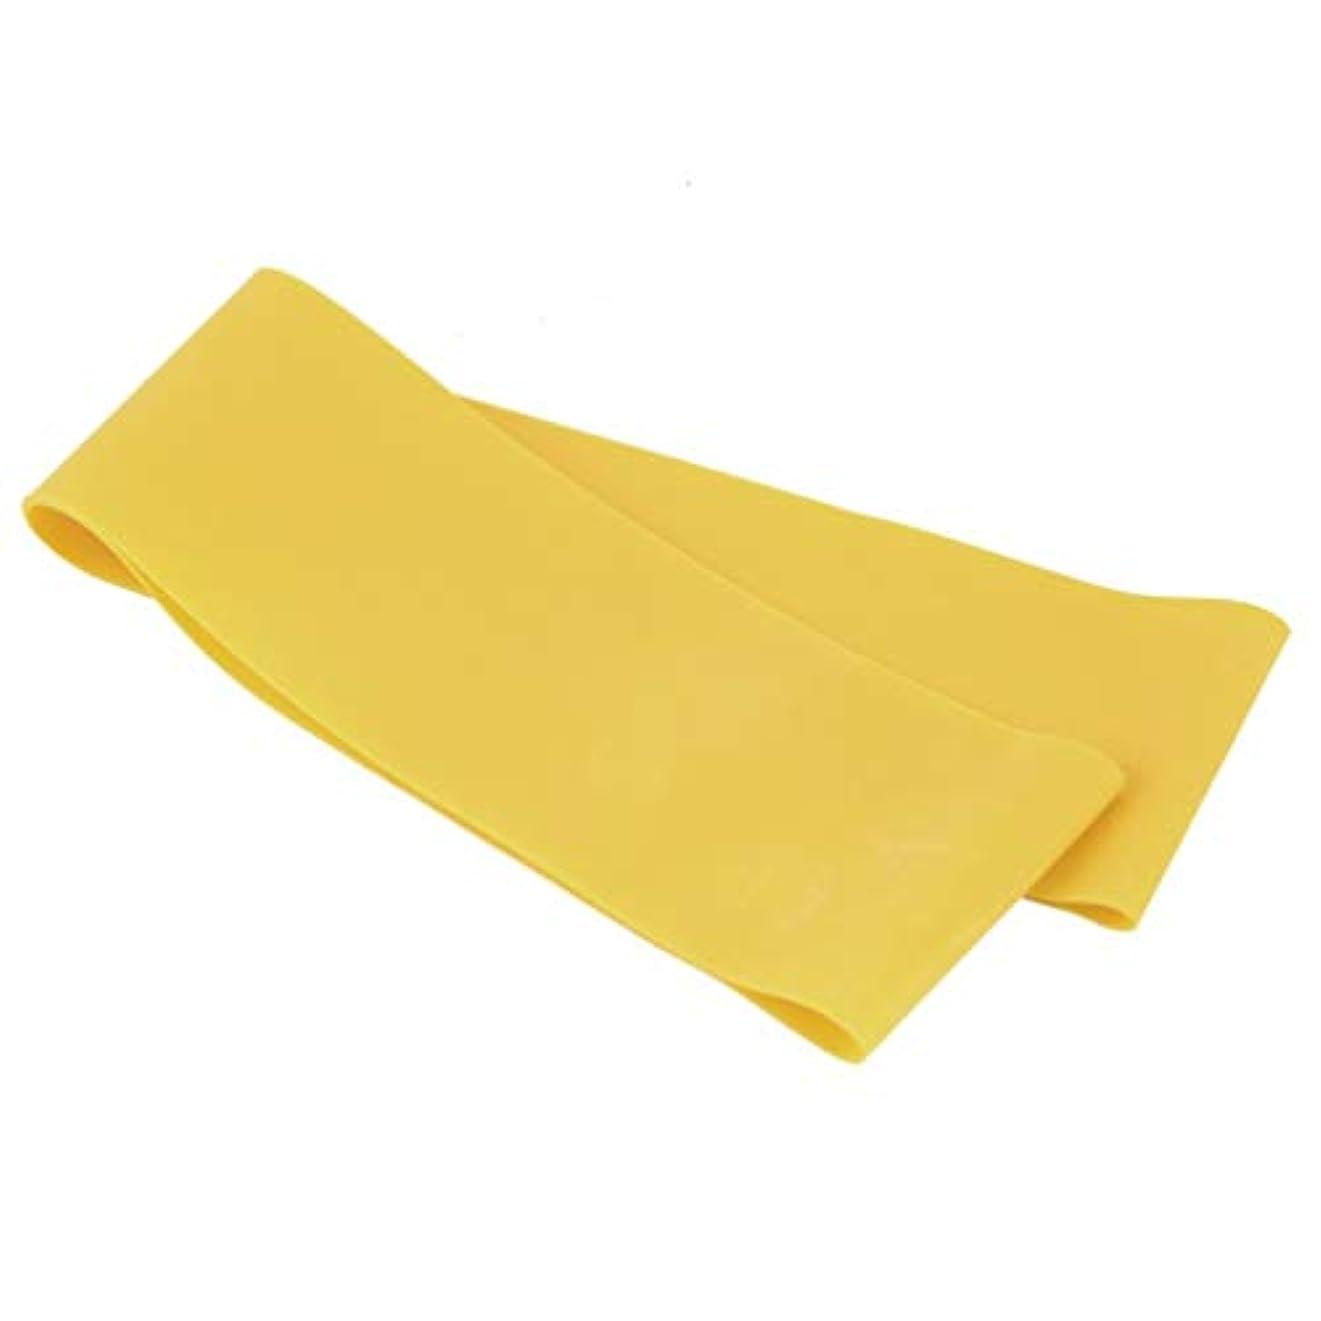 石協定トロピカル滑り止めの伸縮性のあるゴム製伸縮性があるヨガのベルトバンド引きロープの張力抵抗バンドループ強さのためのフィットネスヨガツール - 黄色